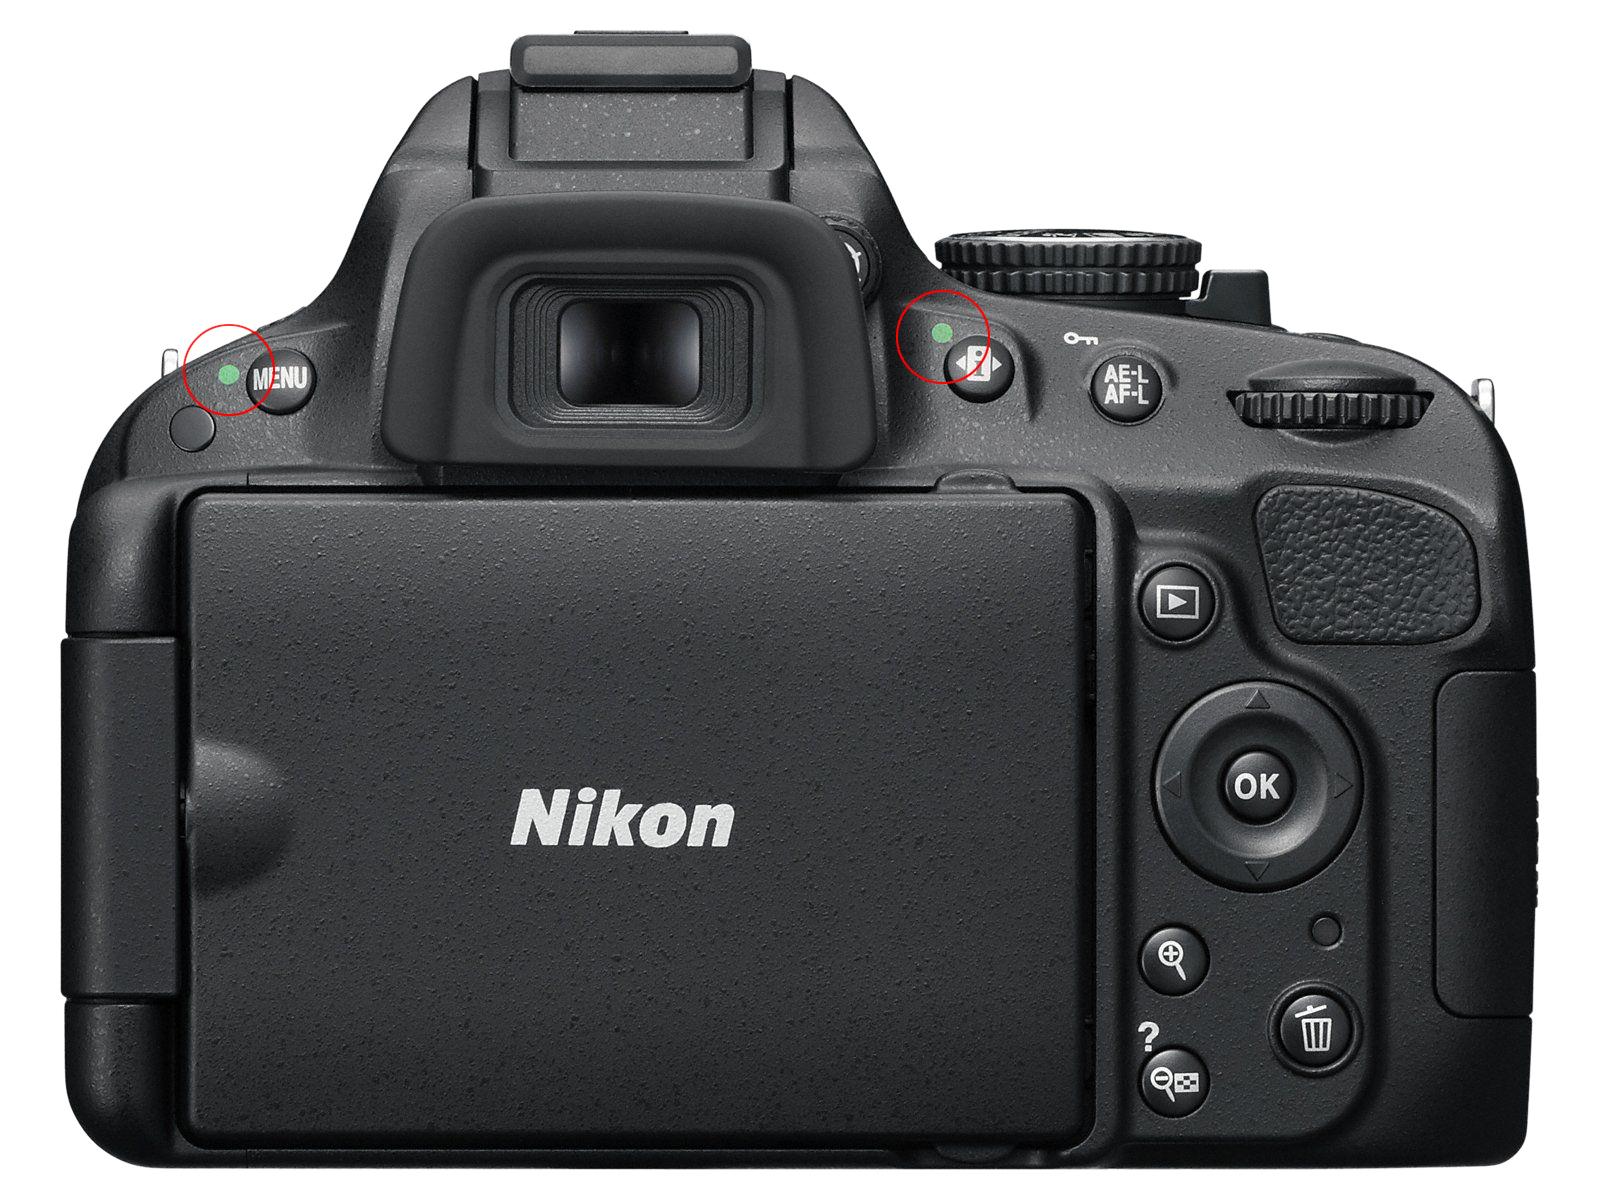 Nikon DSLR Makinelerde Fabrika Ayarlarına Nasıl Geri Dönülür